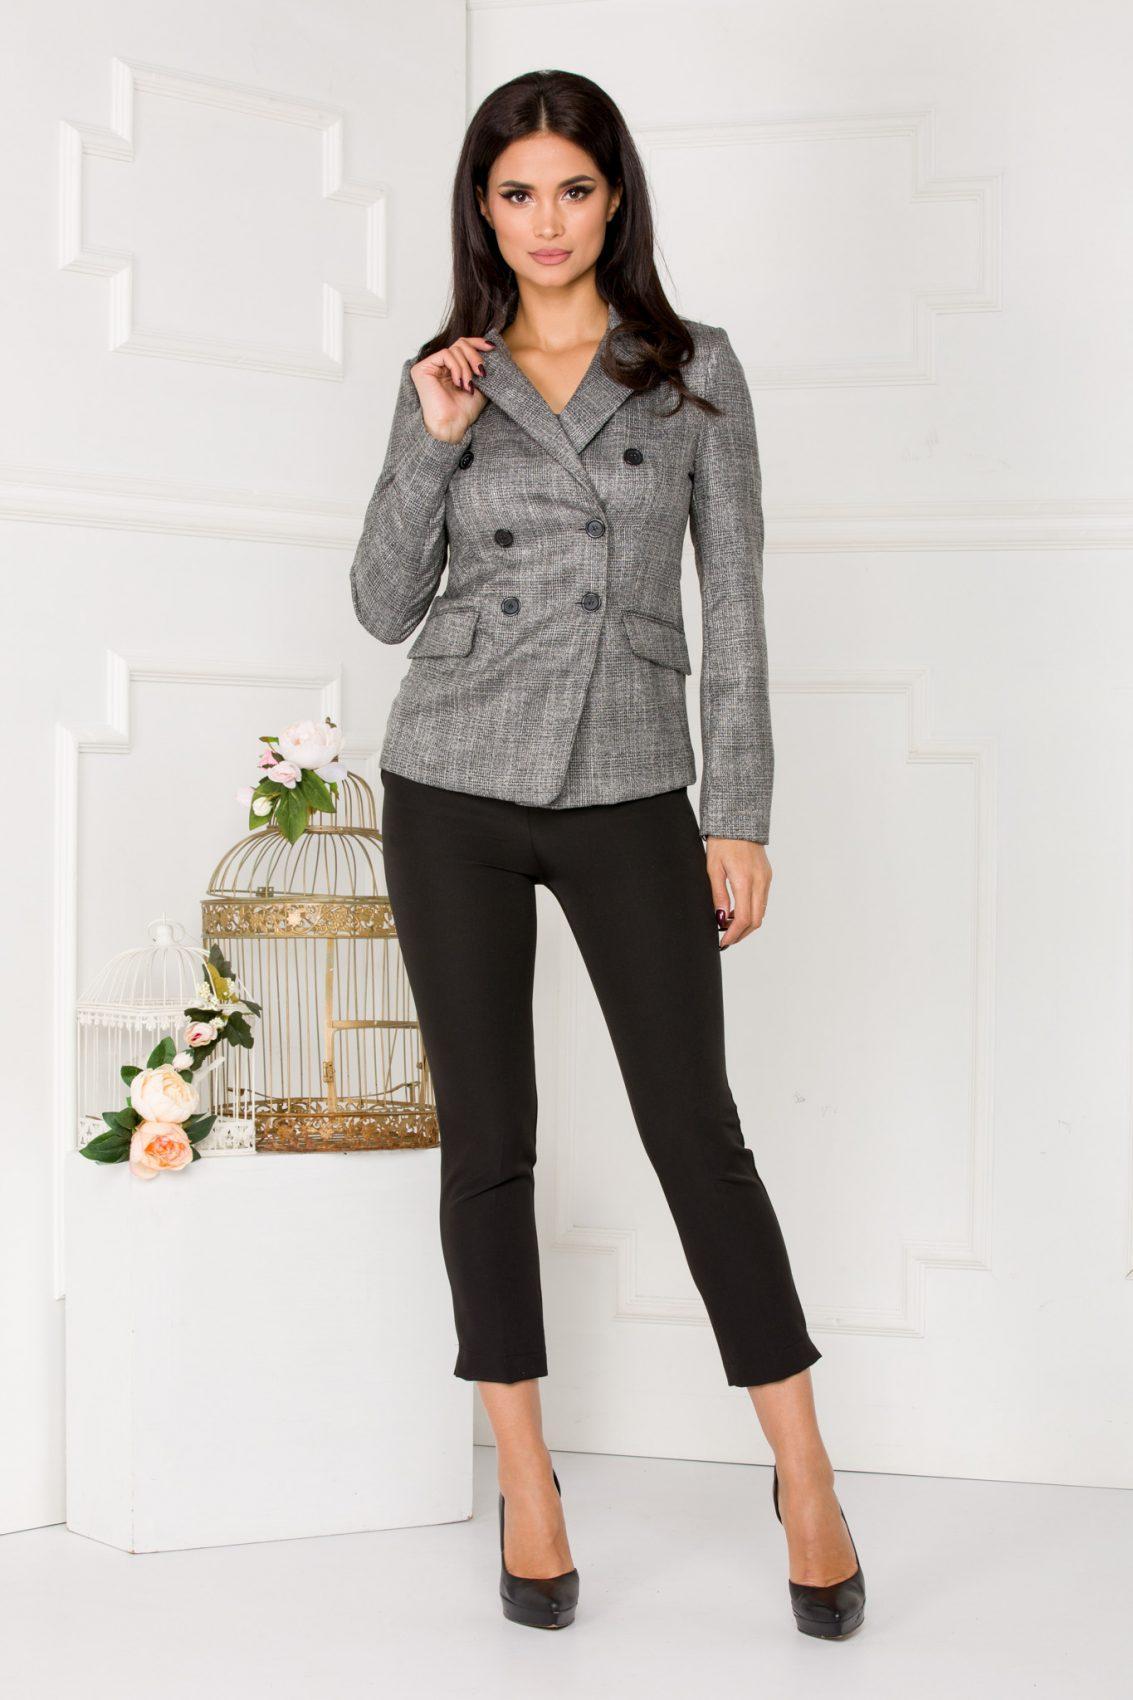 Evan Grey Jacket